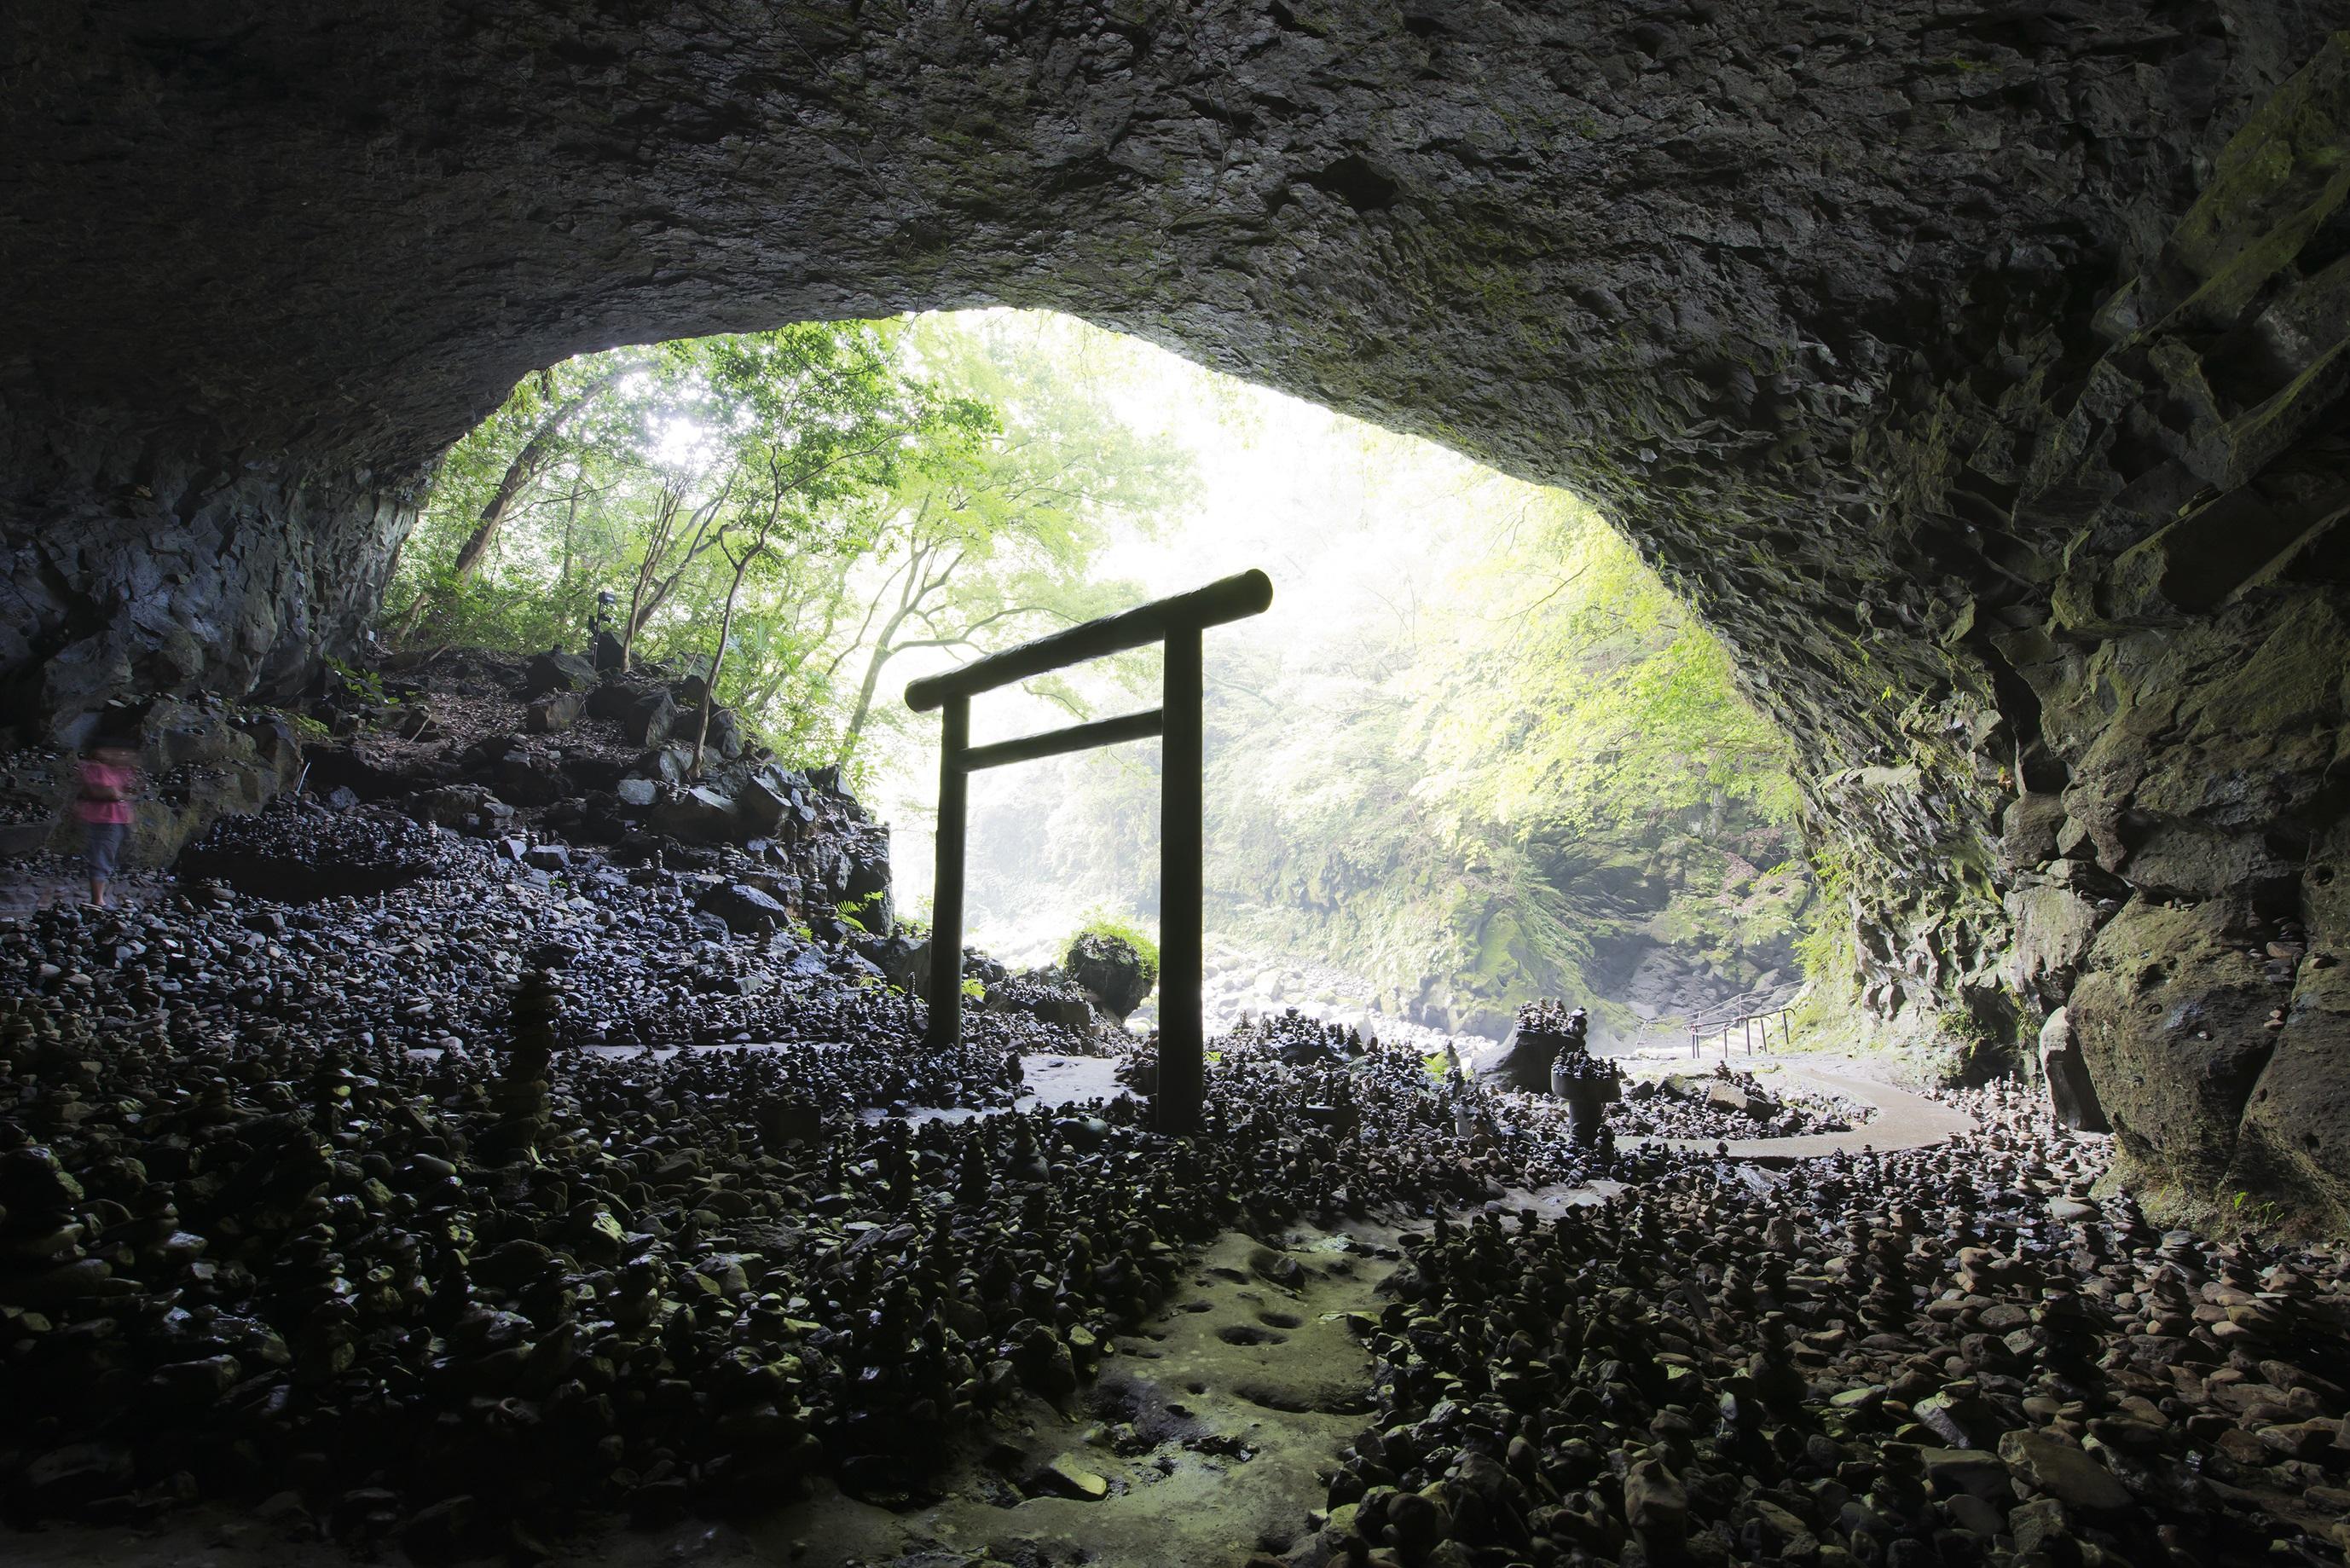 高千穂・天安河原 ~アマテラスが岩戸に隠れた際に、困り果てた八百万の神がこの河原に集まり神議をしたとされる。